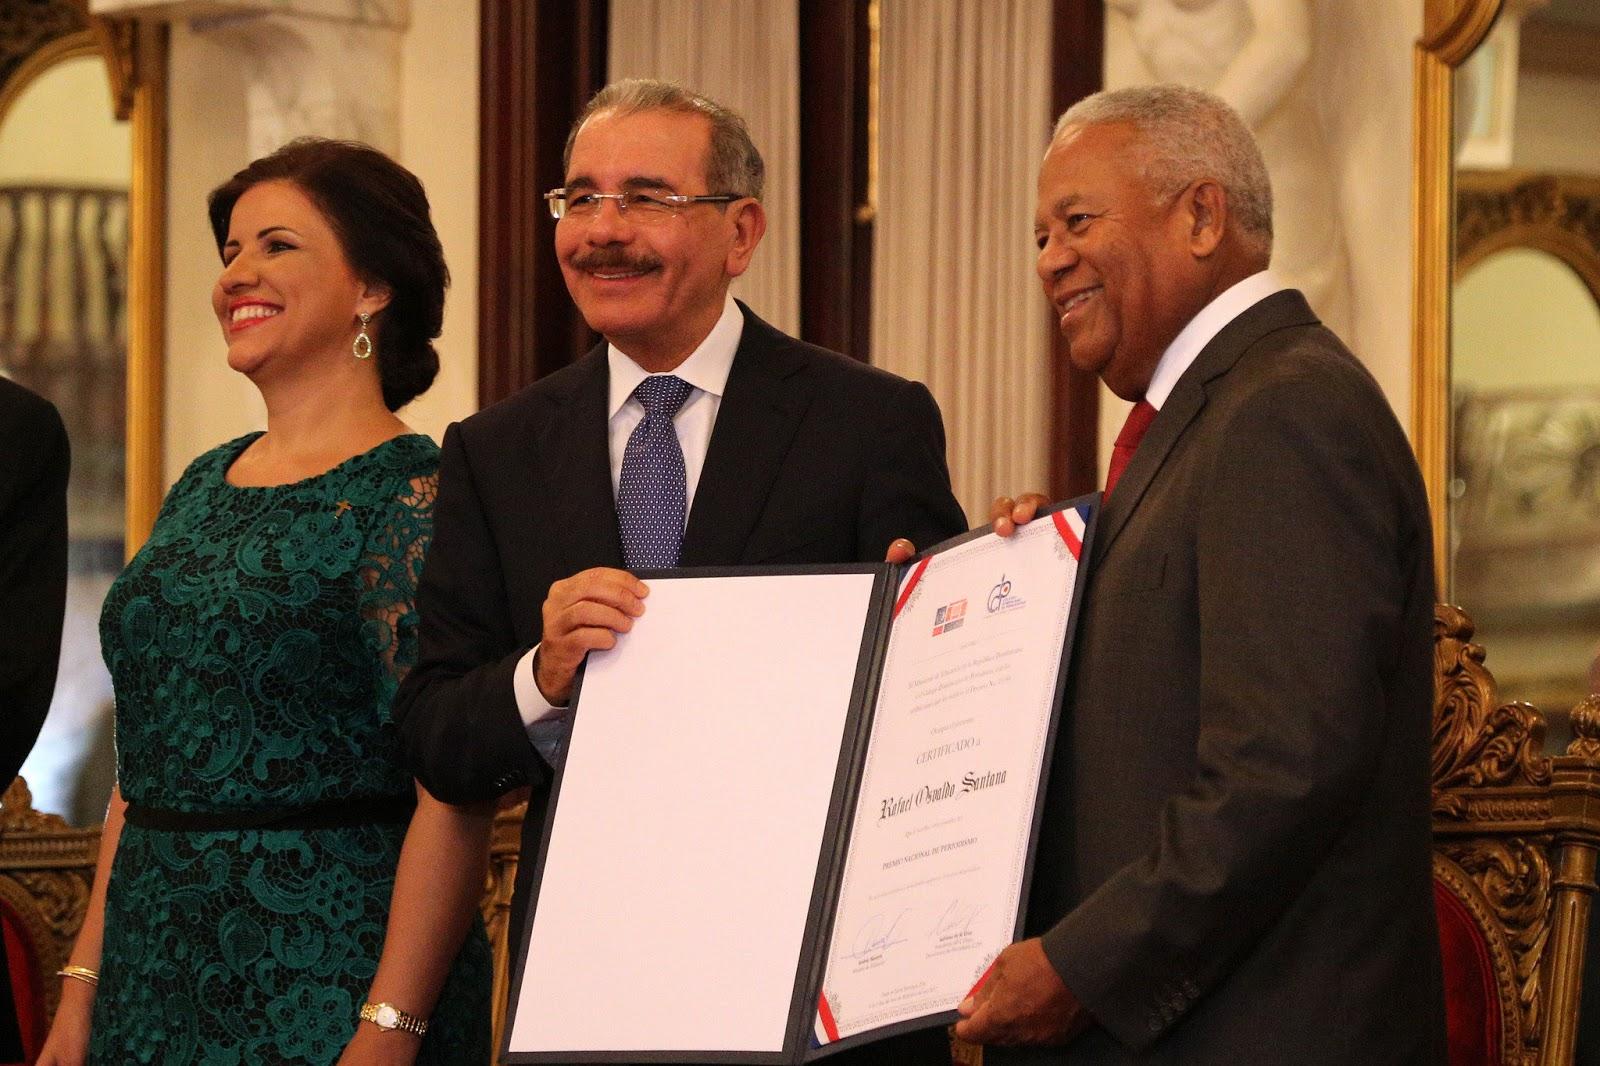 VIDEO: Presidente Danilo Medina entrega Premio Nacional de Periodismo 2017 a Osvaldo Santana